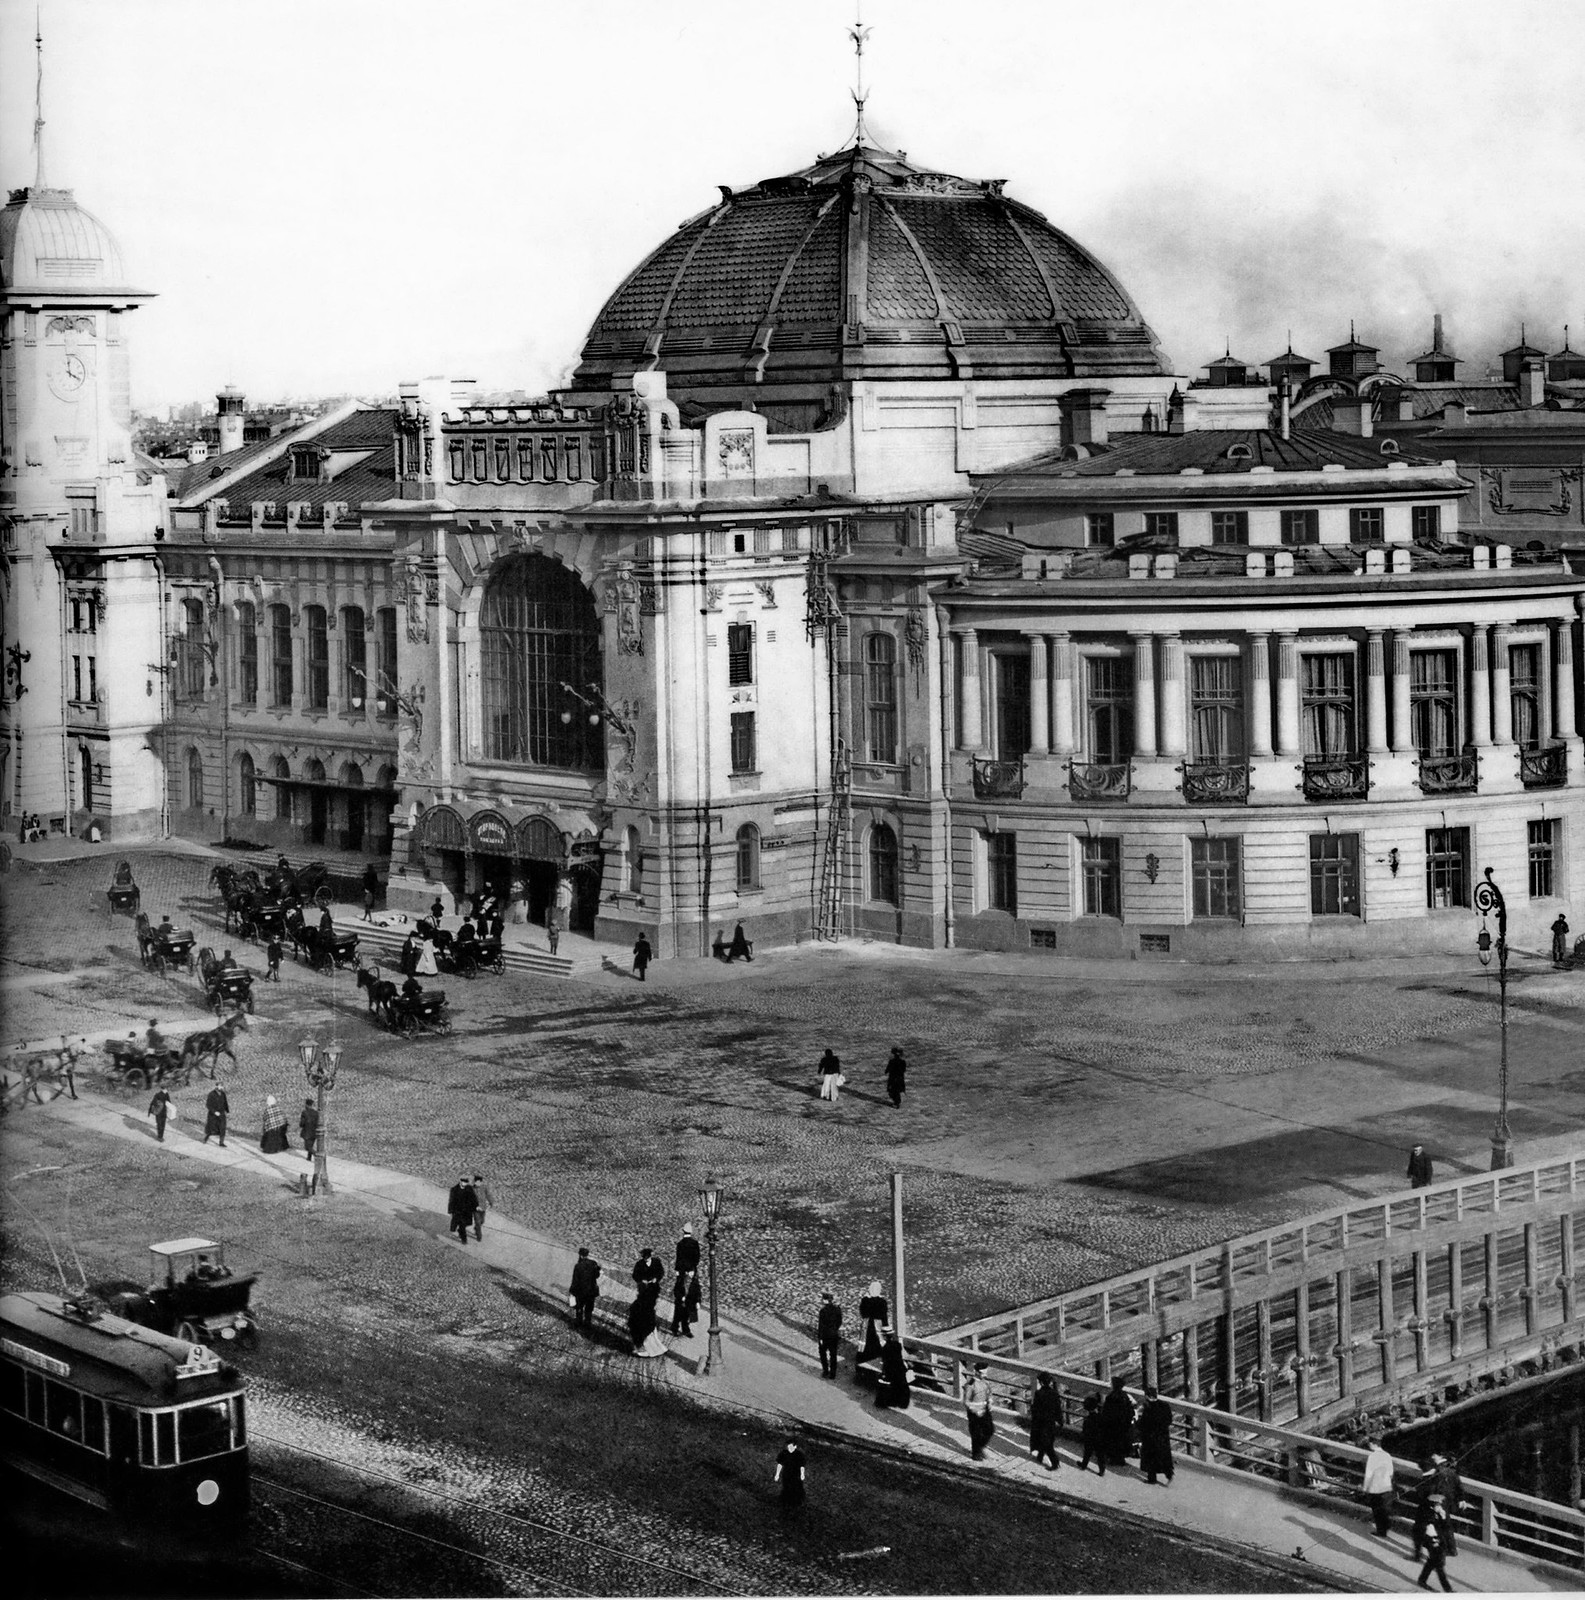 Введенская площадь. Вид на Царскосельский вокзал. 1910